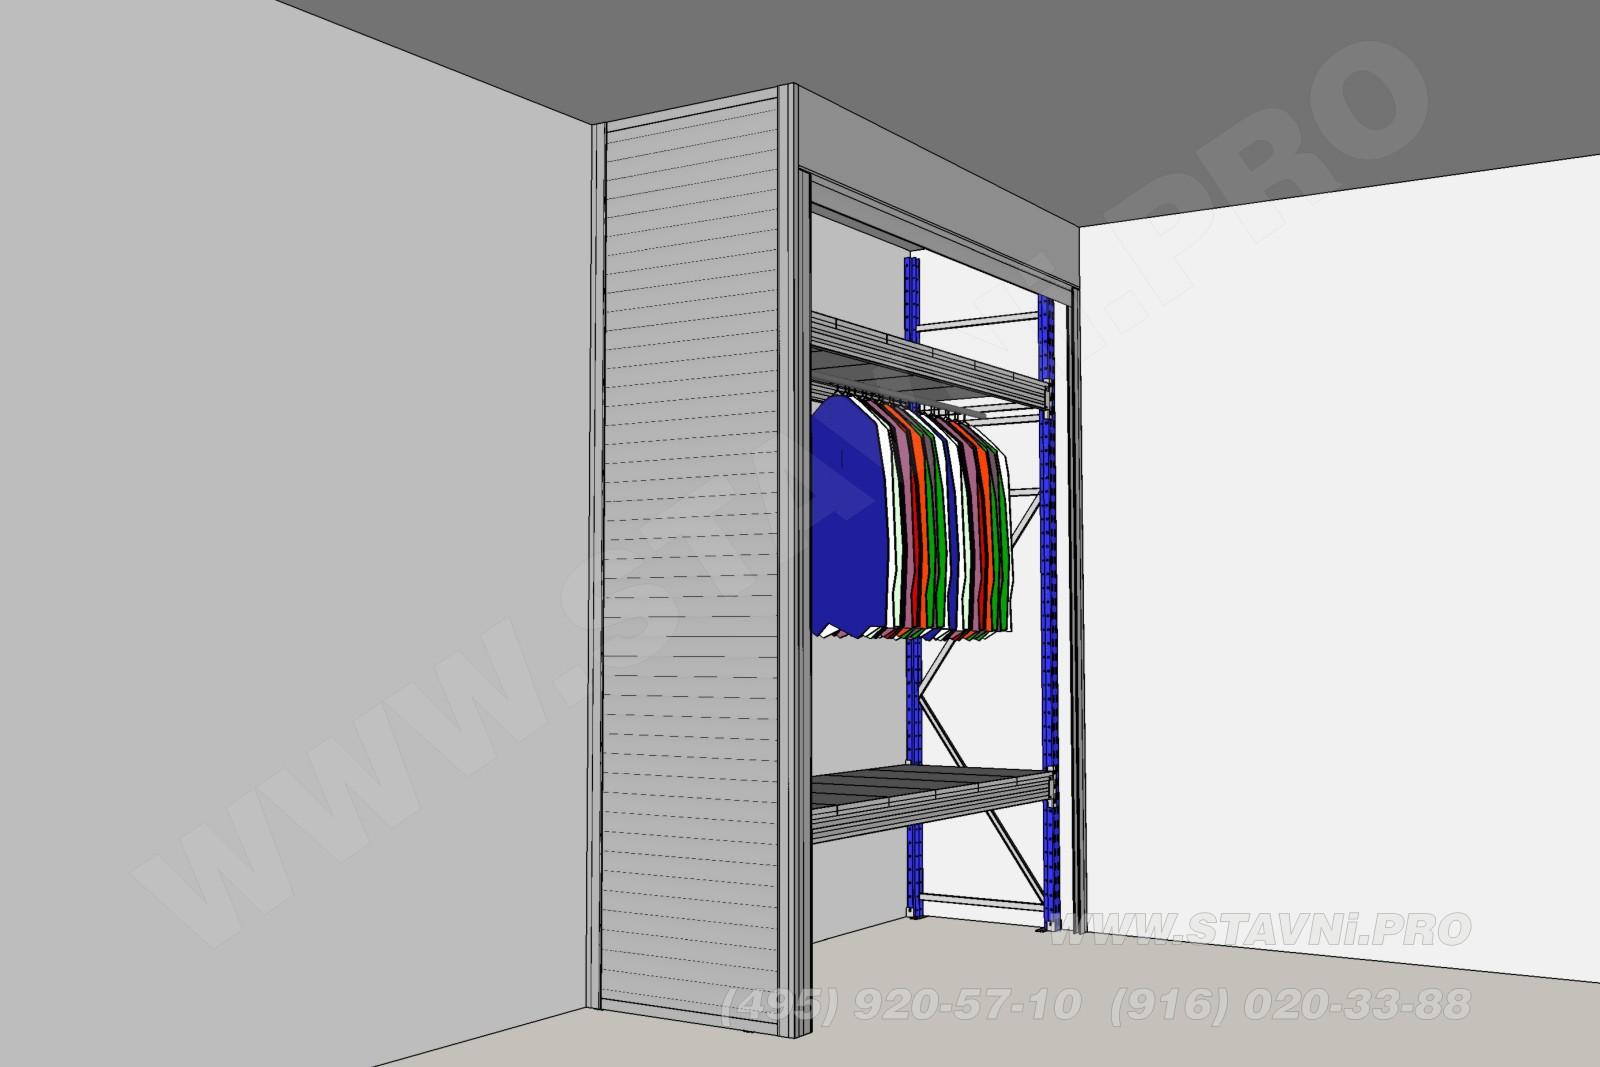 Визуализация шкафа с рольставнями - вид слева